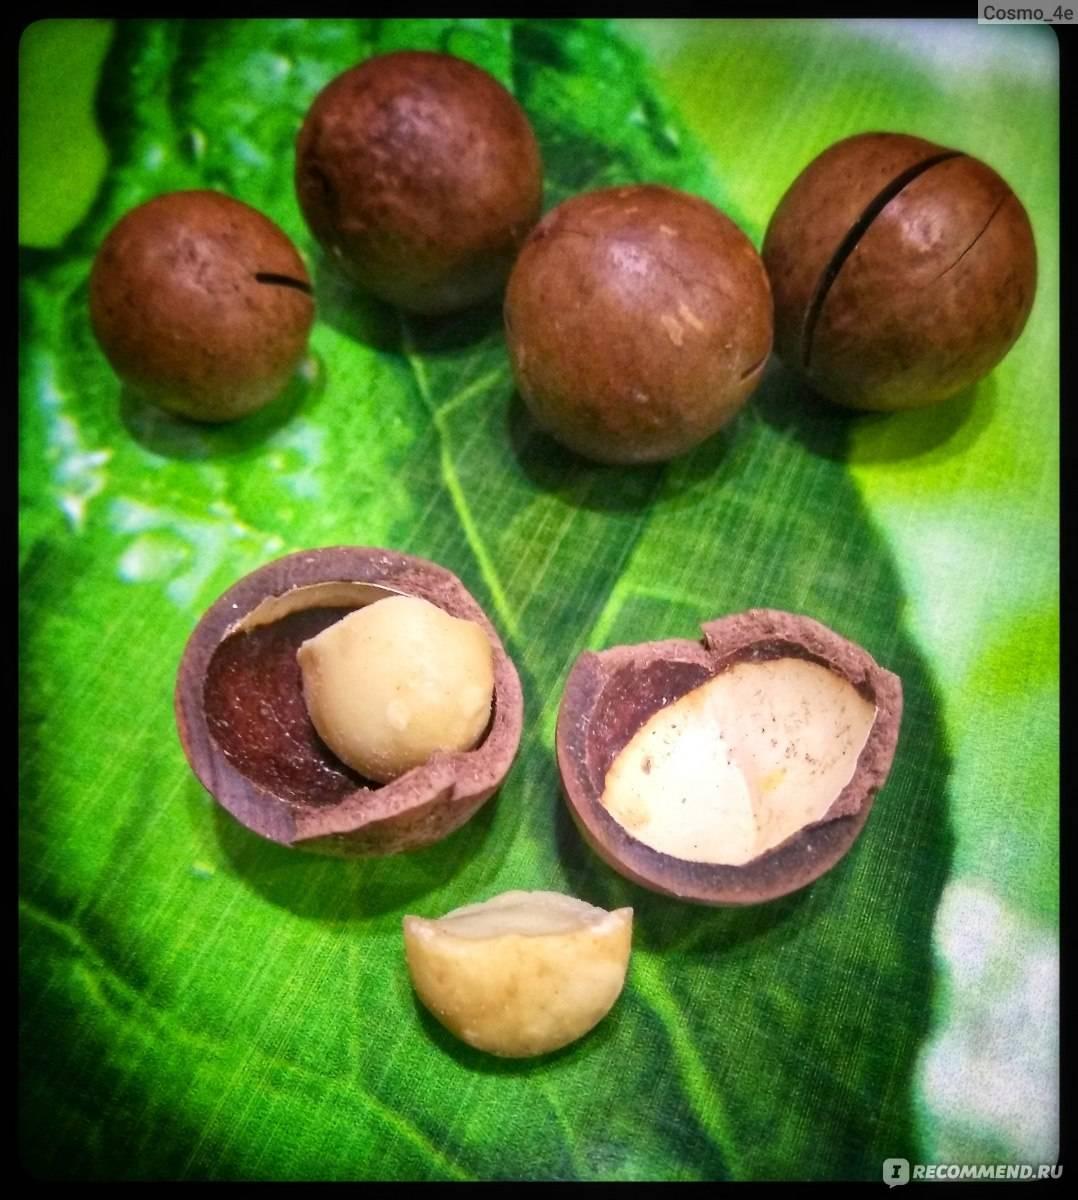 Как расколоть орехи макадамия: 10 шагов